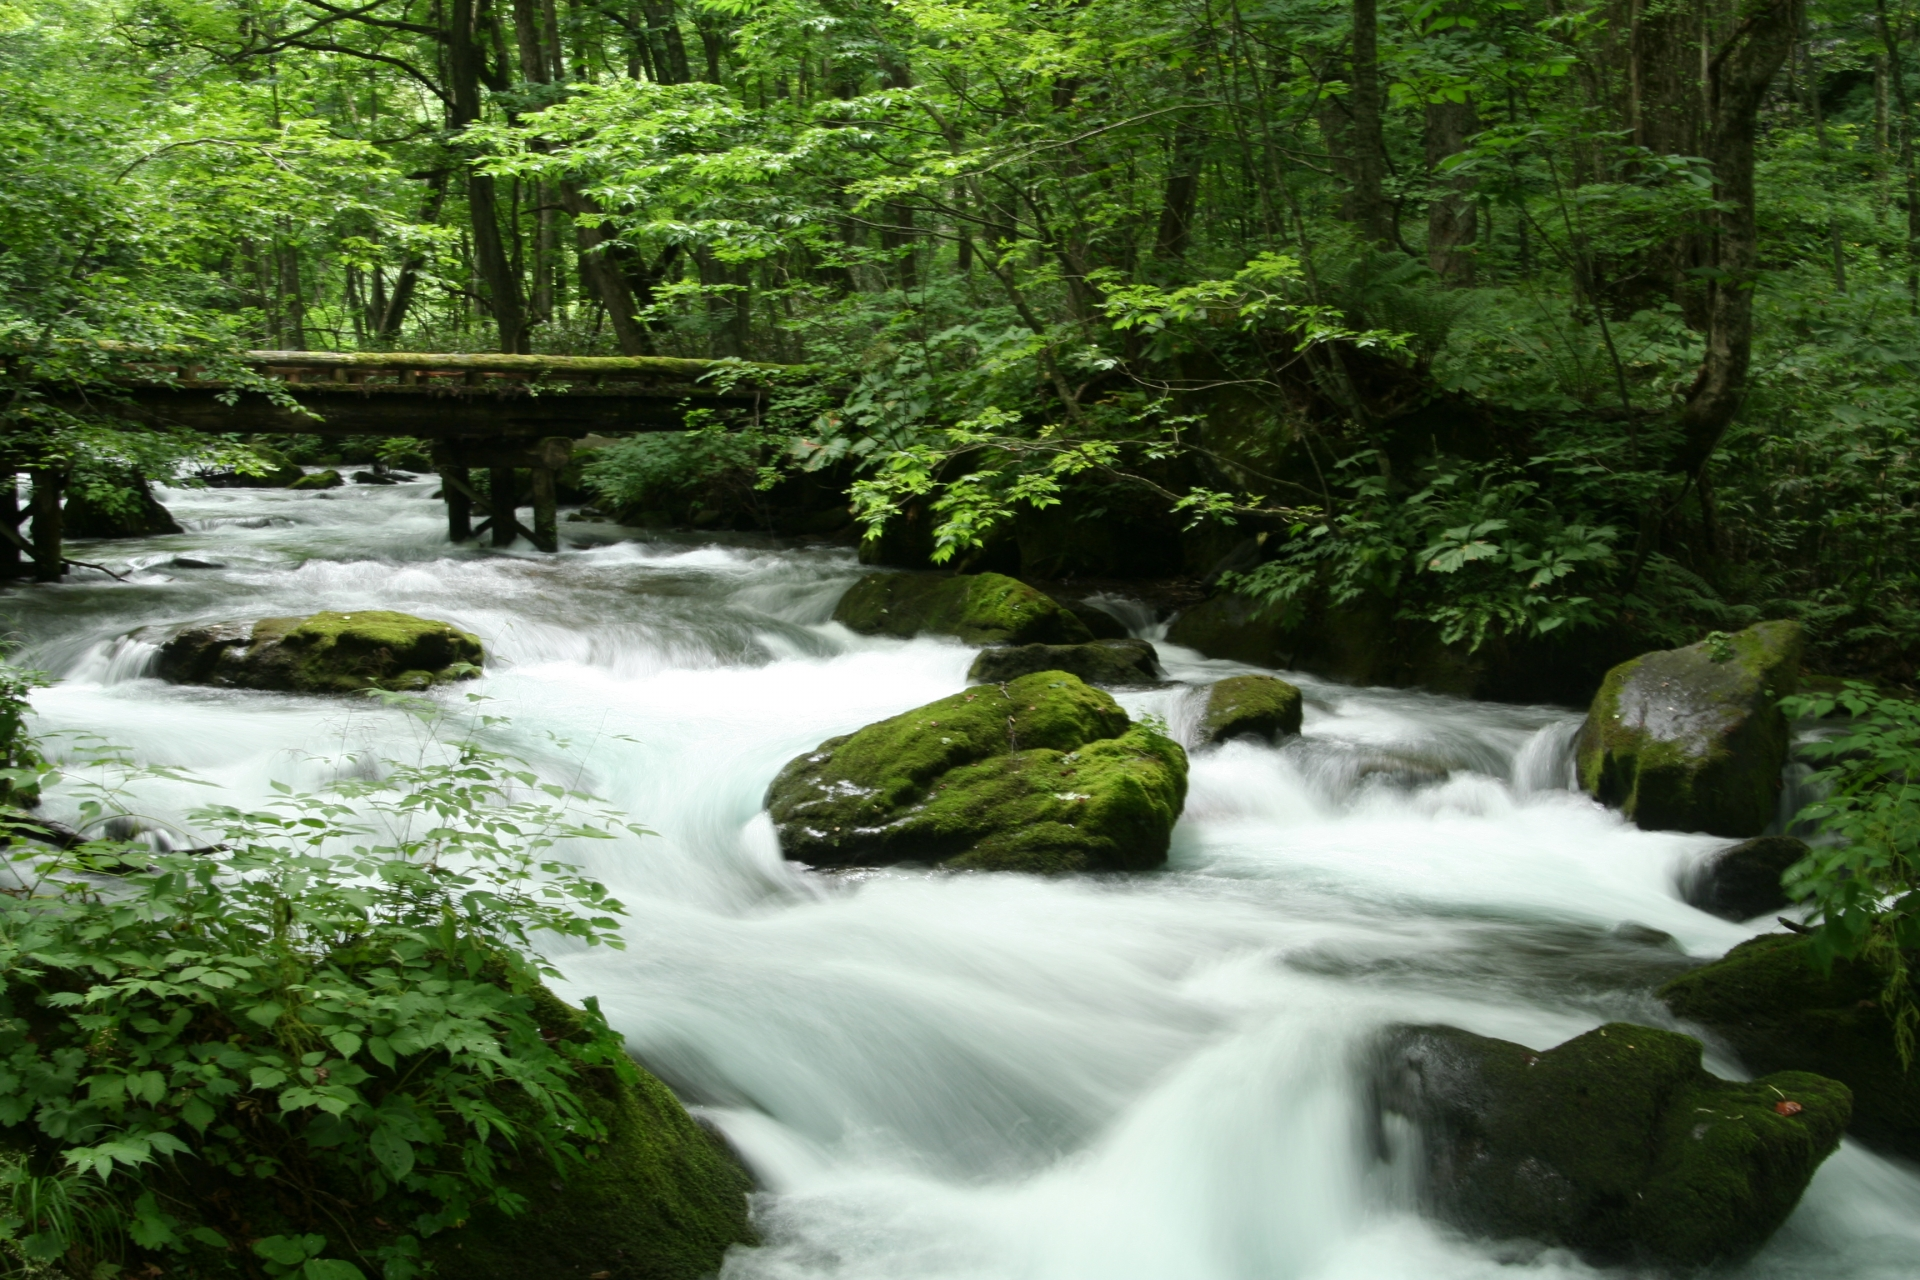 奥入瀬渓流の観光ツアーや散策の所要時間とバス・車でのアクセスや駐車場について